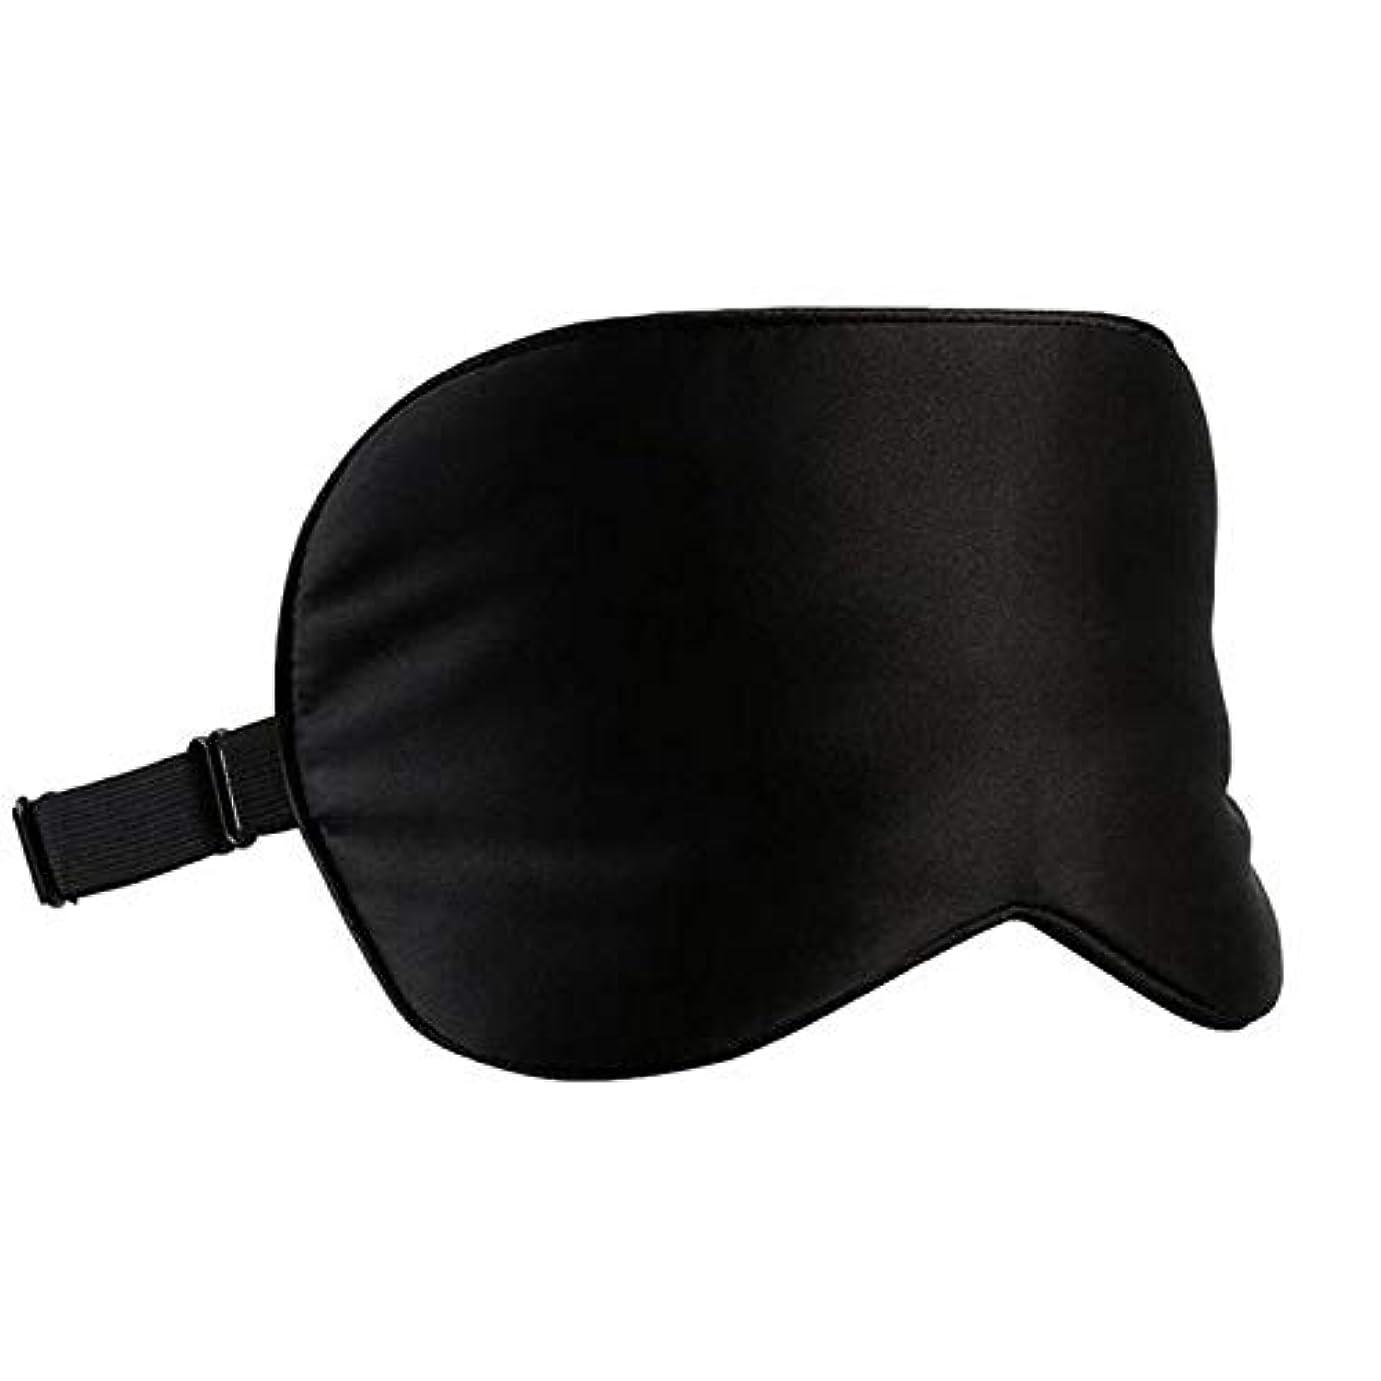 夜明けに印象的な沈黙NOTE 100%天然シルクスリープアイマスク大両面ブラックアイプロテクションシェード軽減疲労睡眠アイシェード